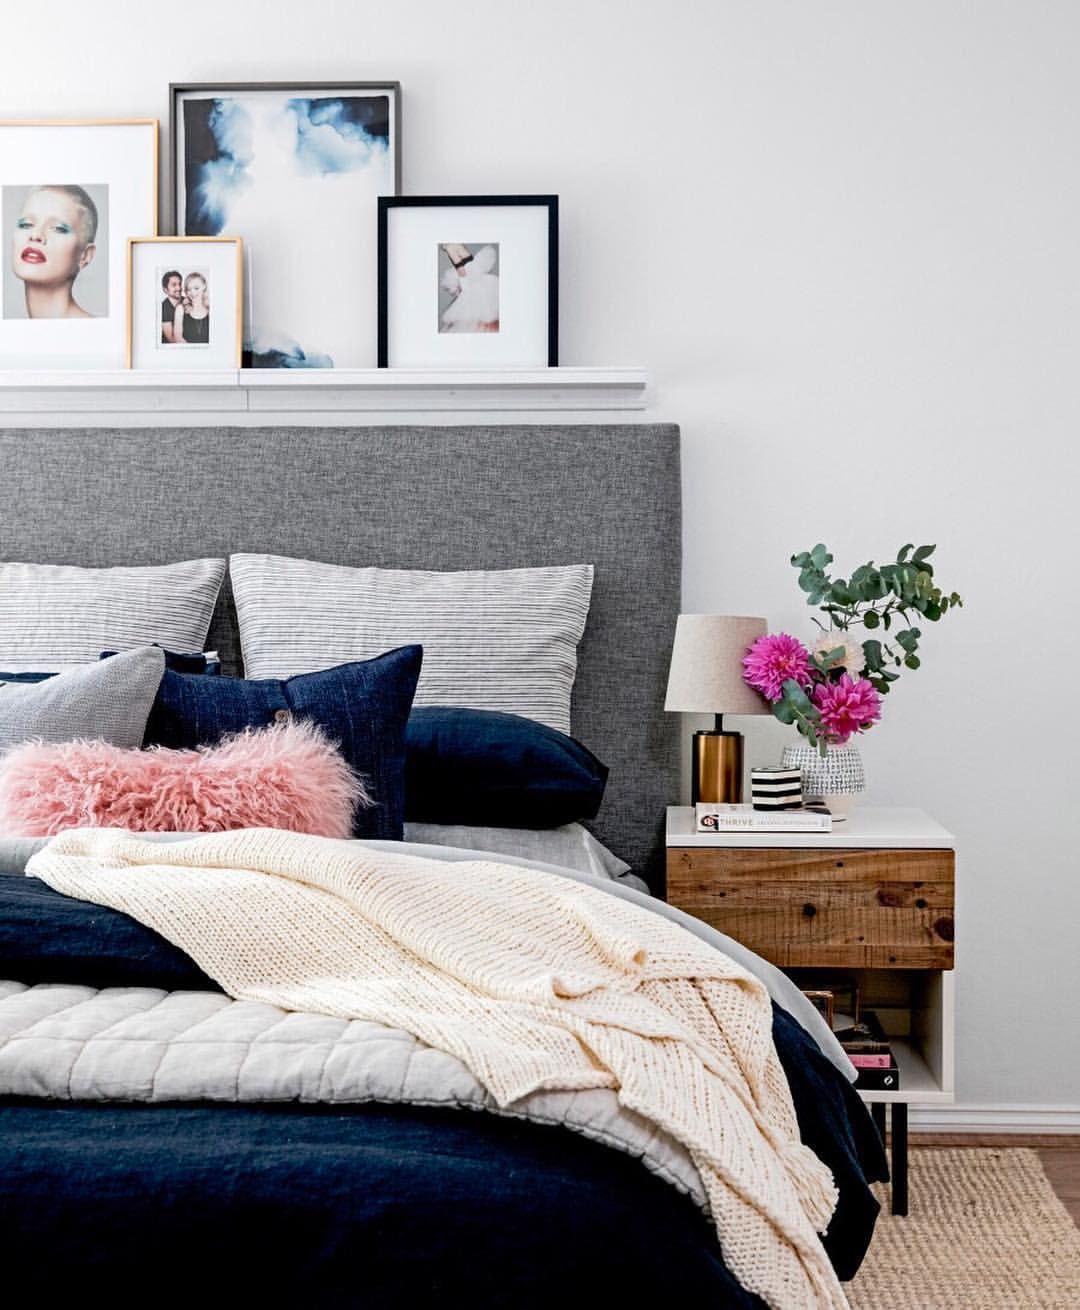 Cuadritos arriba de la cama bedroom pinterest la - Cuadros encima cabecero cama ...